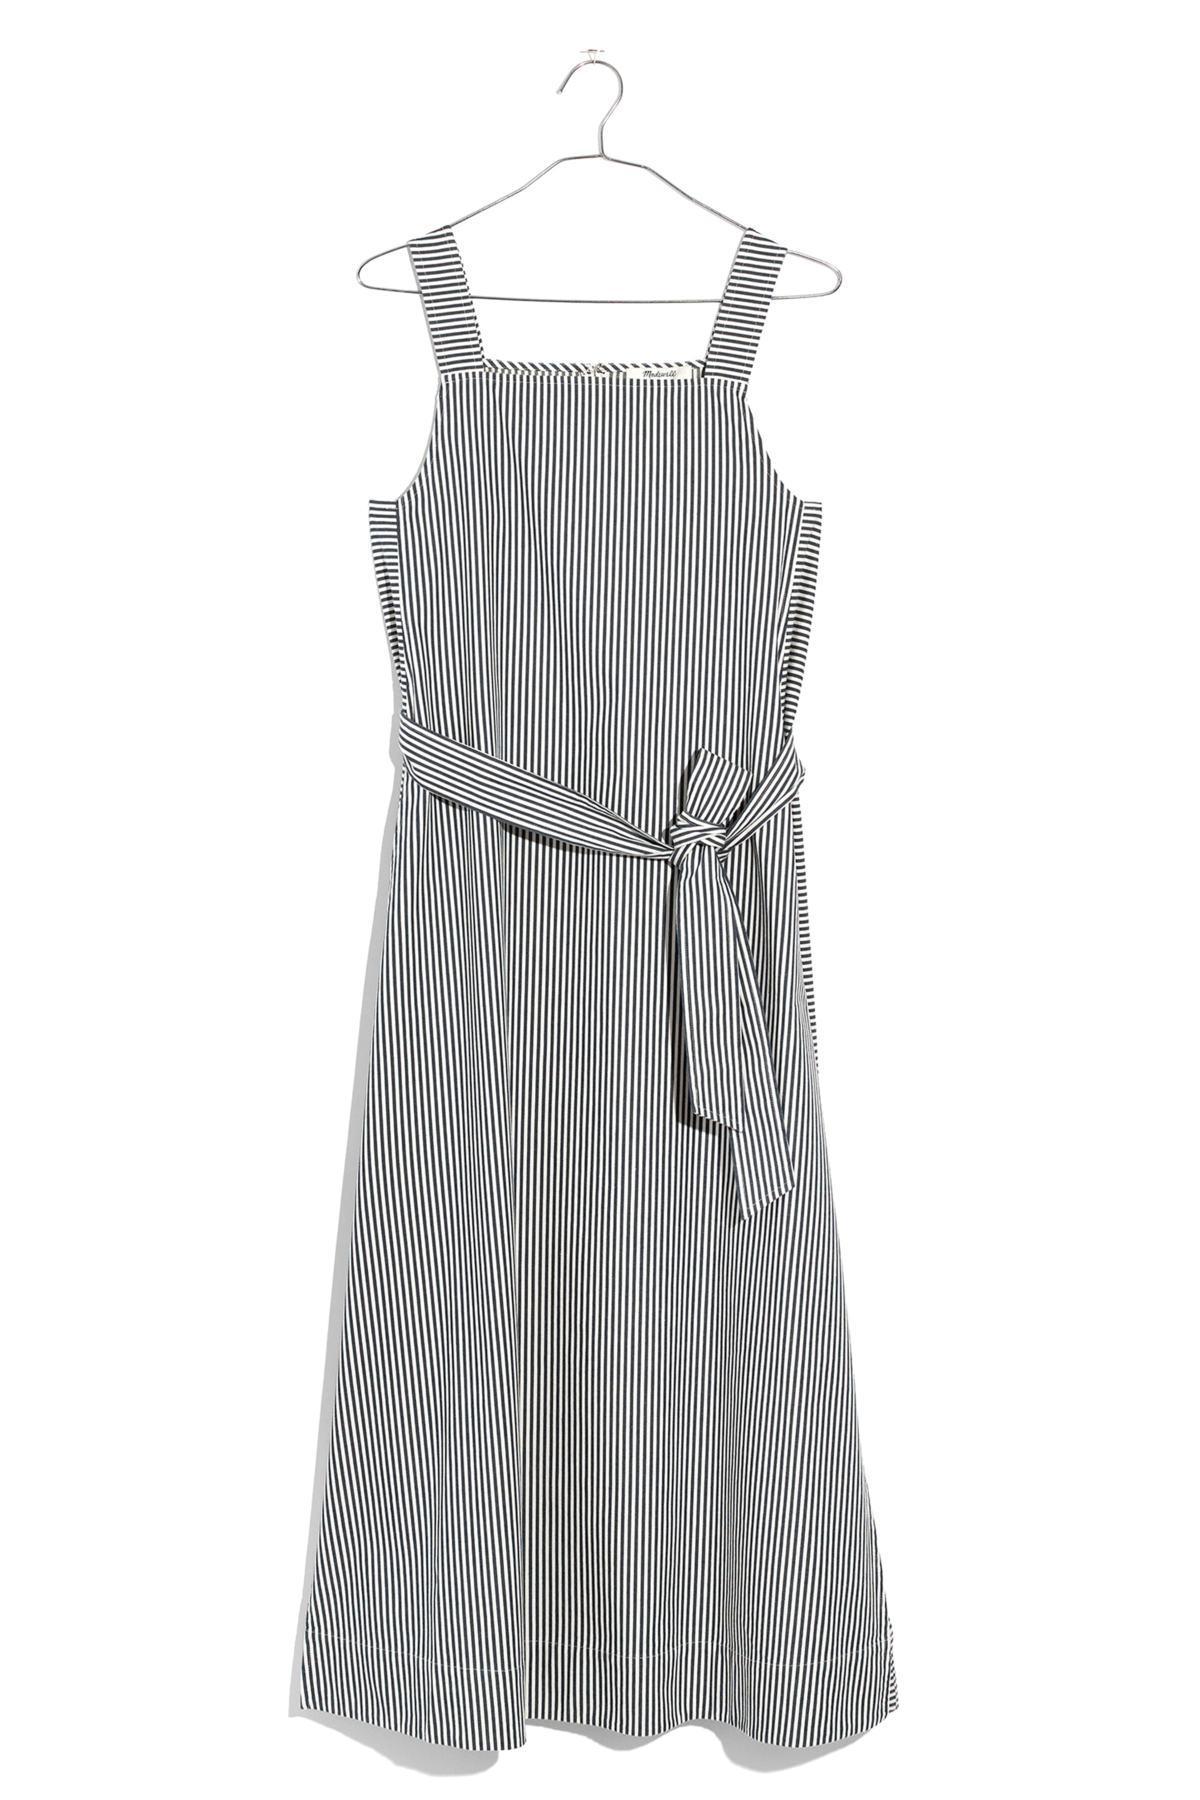 a5da01f9671 Lyst - Madewell Stripe Apron Tie Waist Midi Dress in Gray